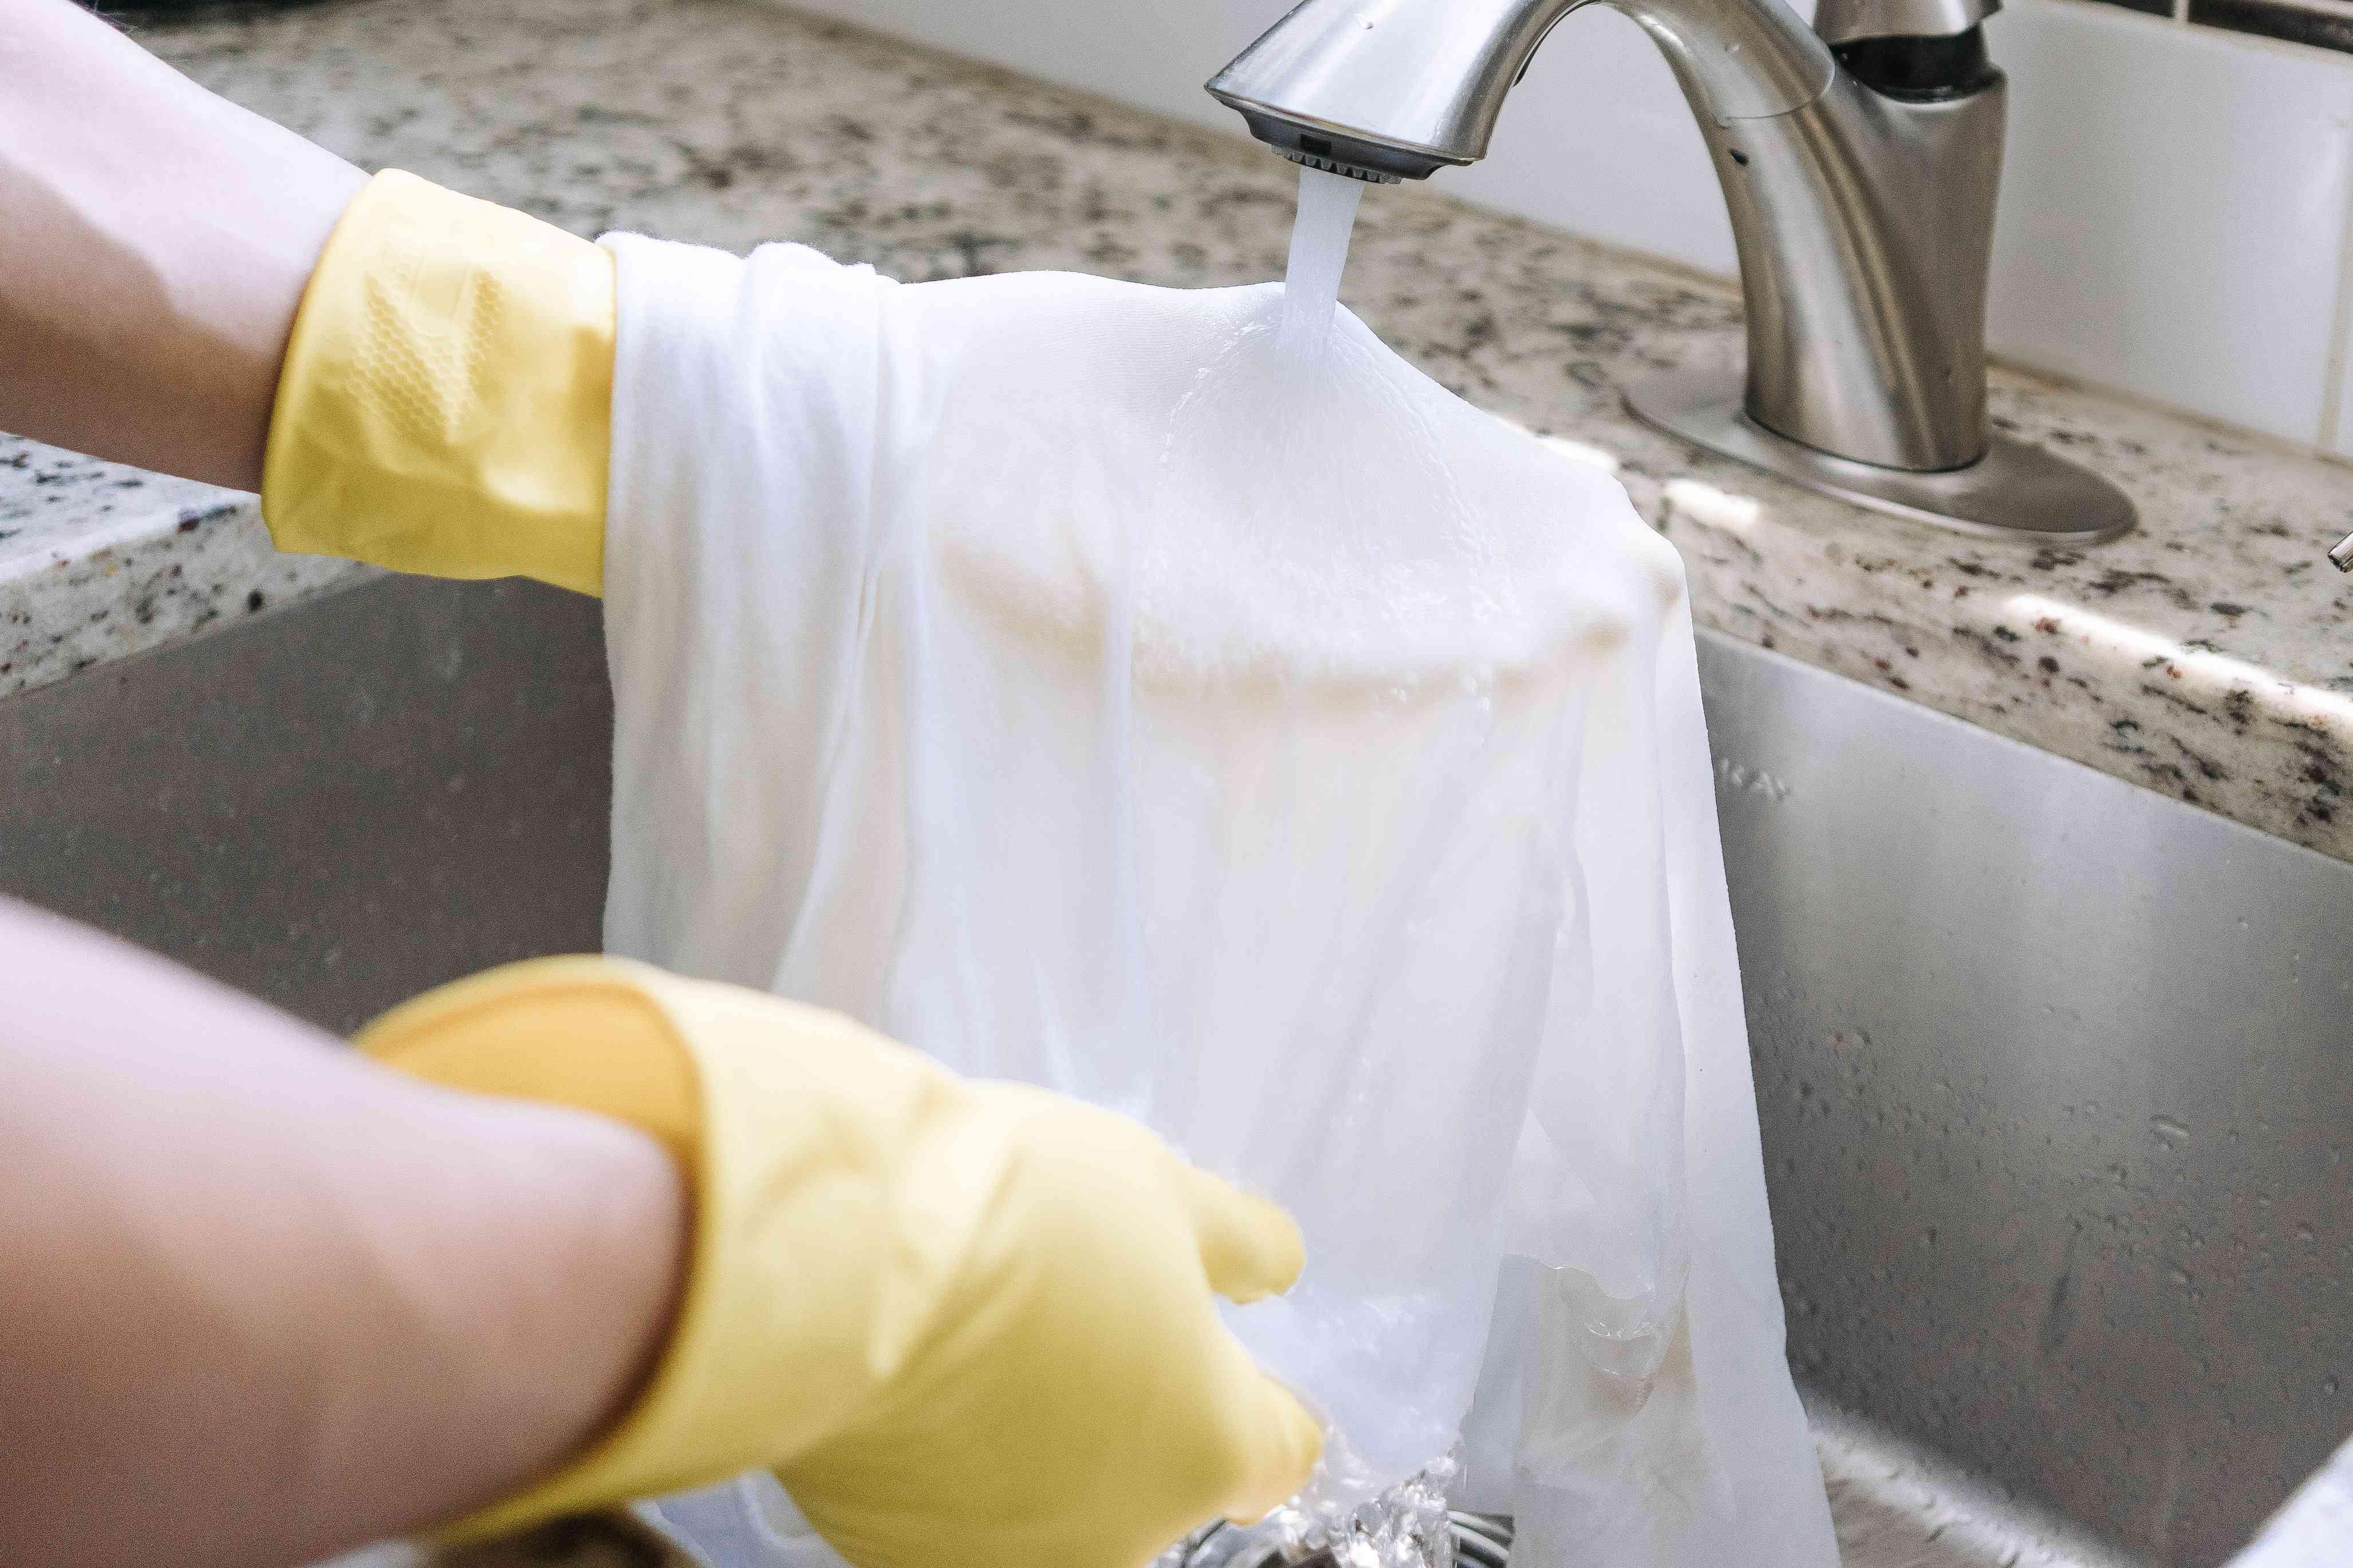 flushing a garment under water